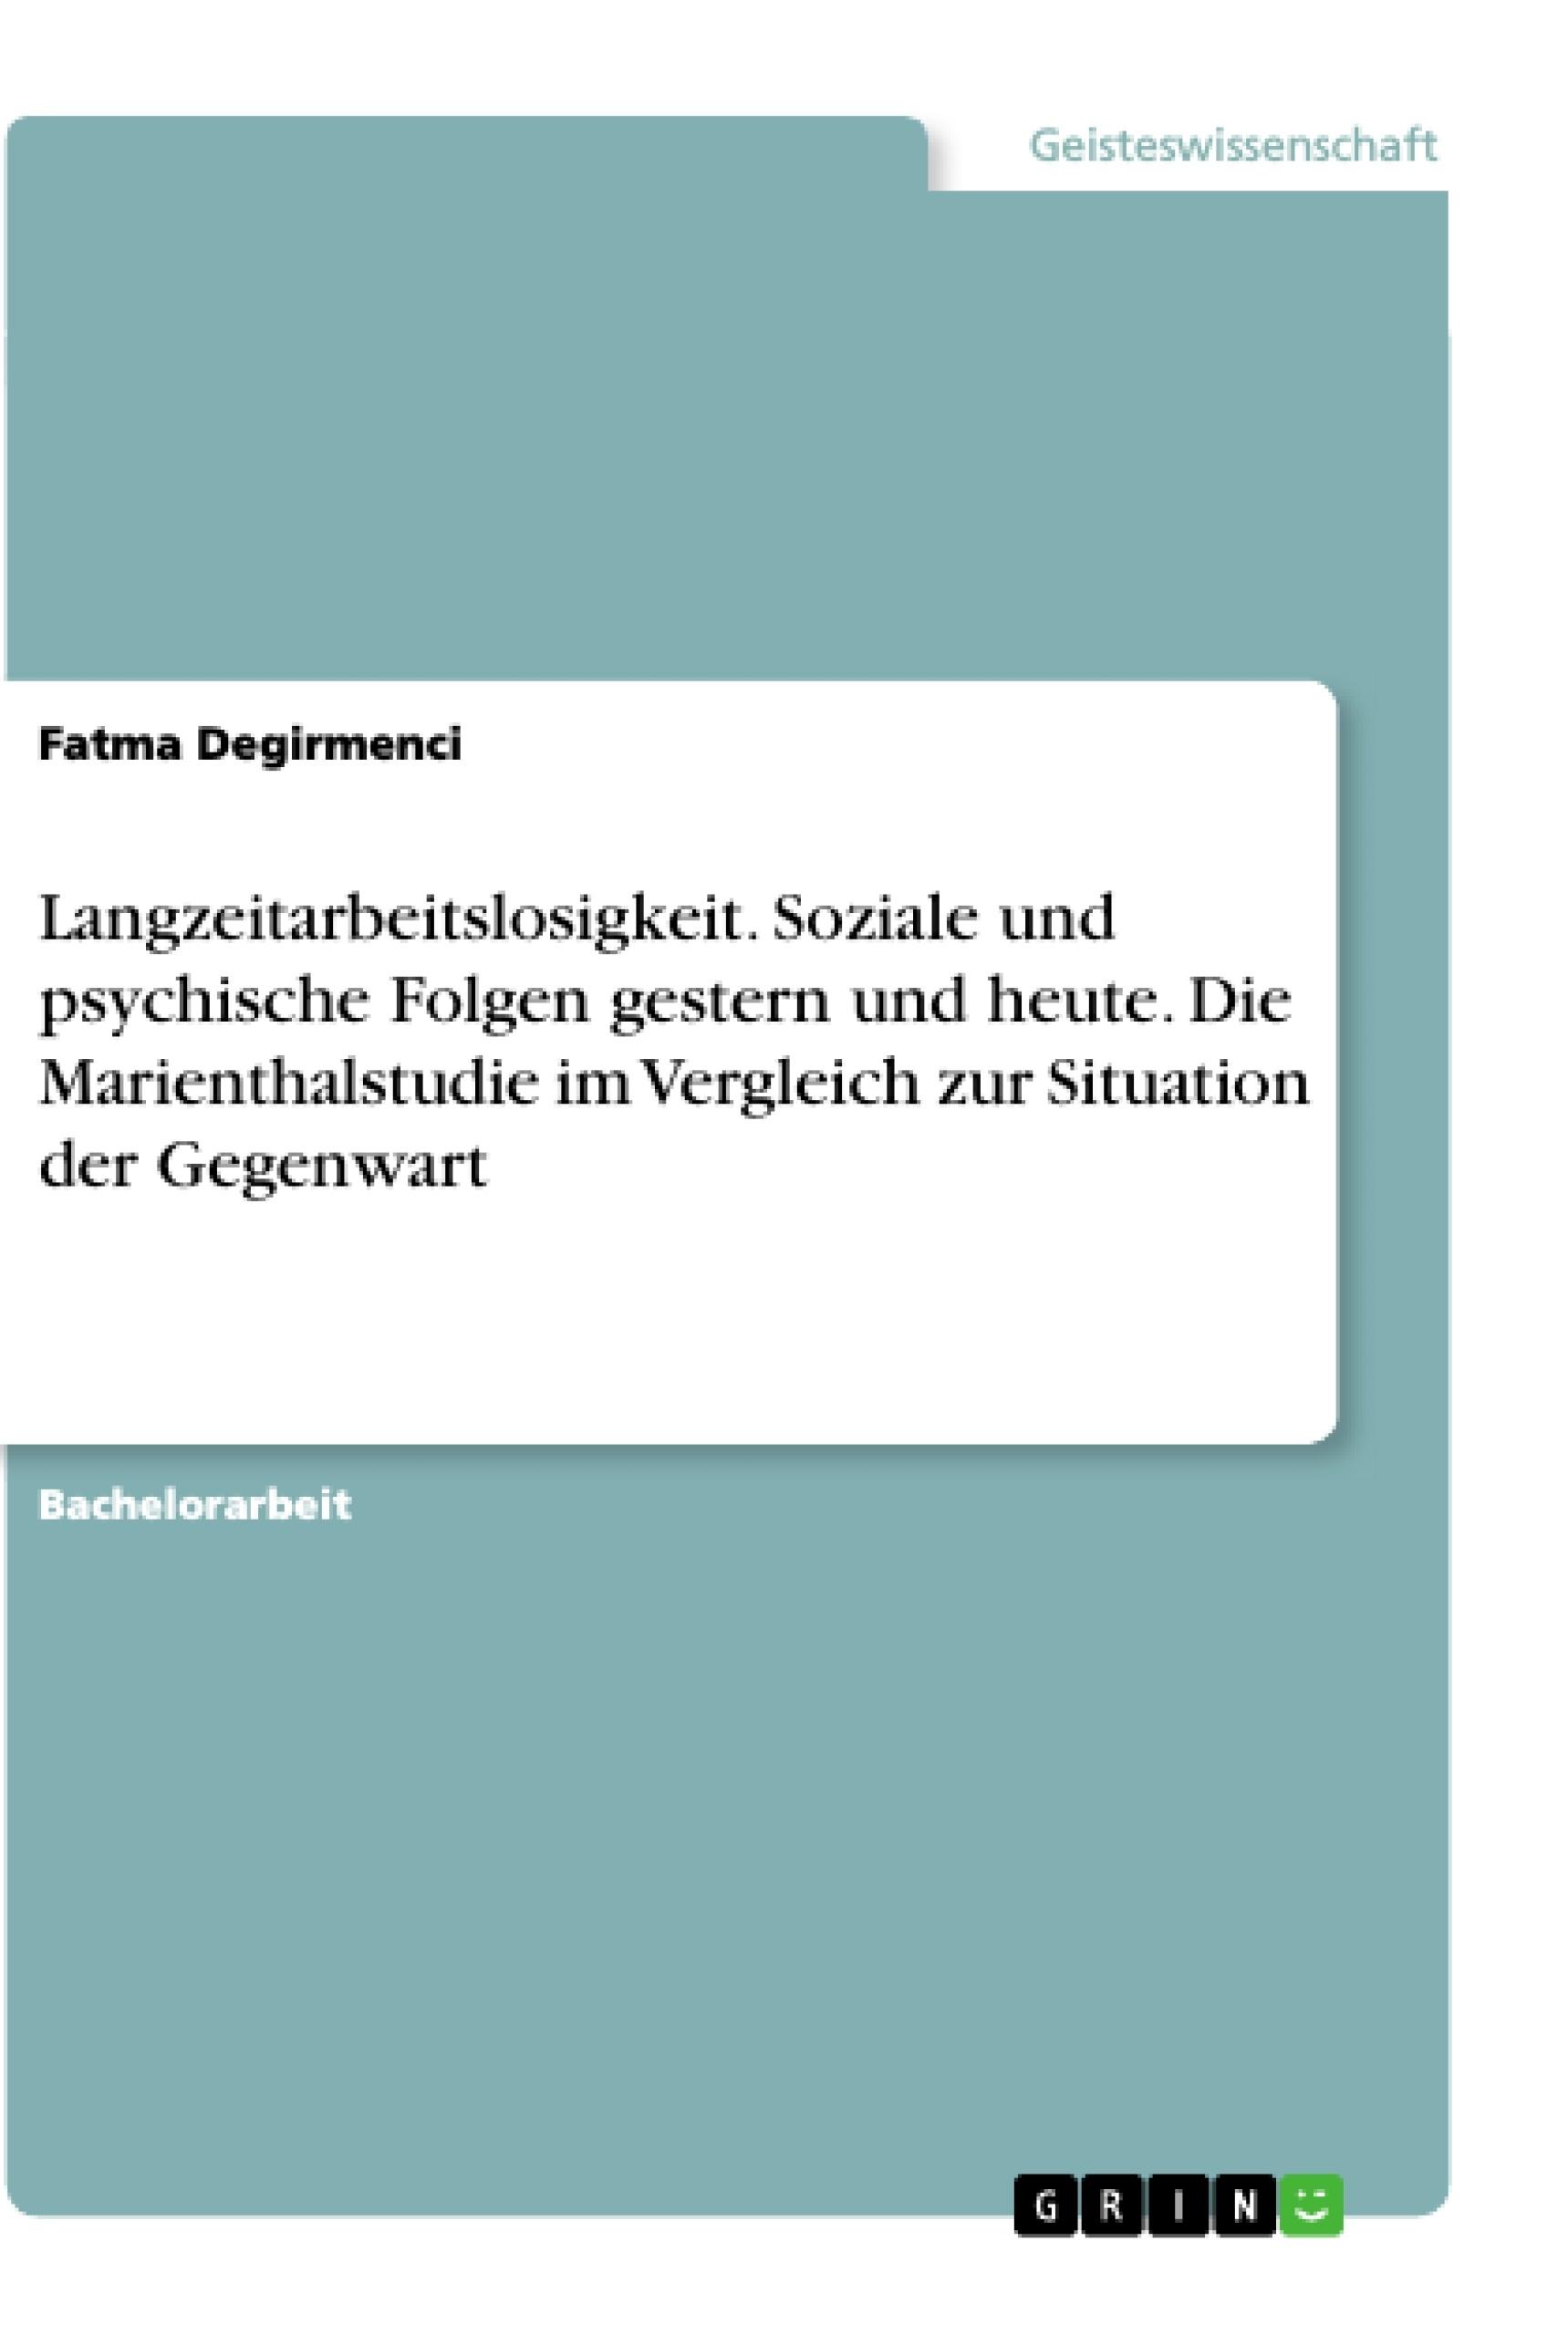 Titel: Langzeitarbeitslosigkeit. Soziale und psychische Folgen gestern und heute. Die Marienthalstudie im Vergleich zur Situation der Gegenwart